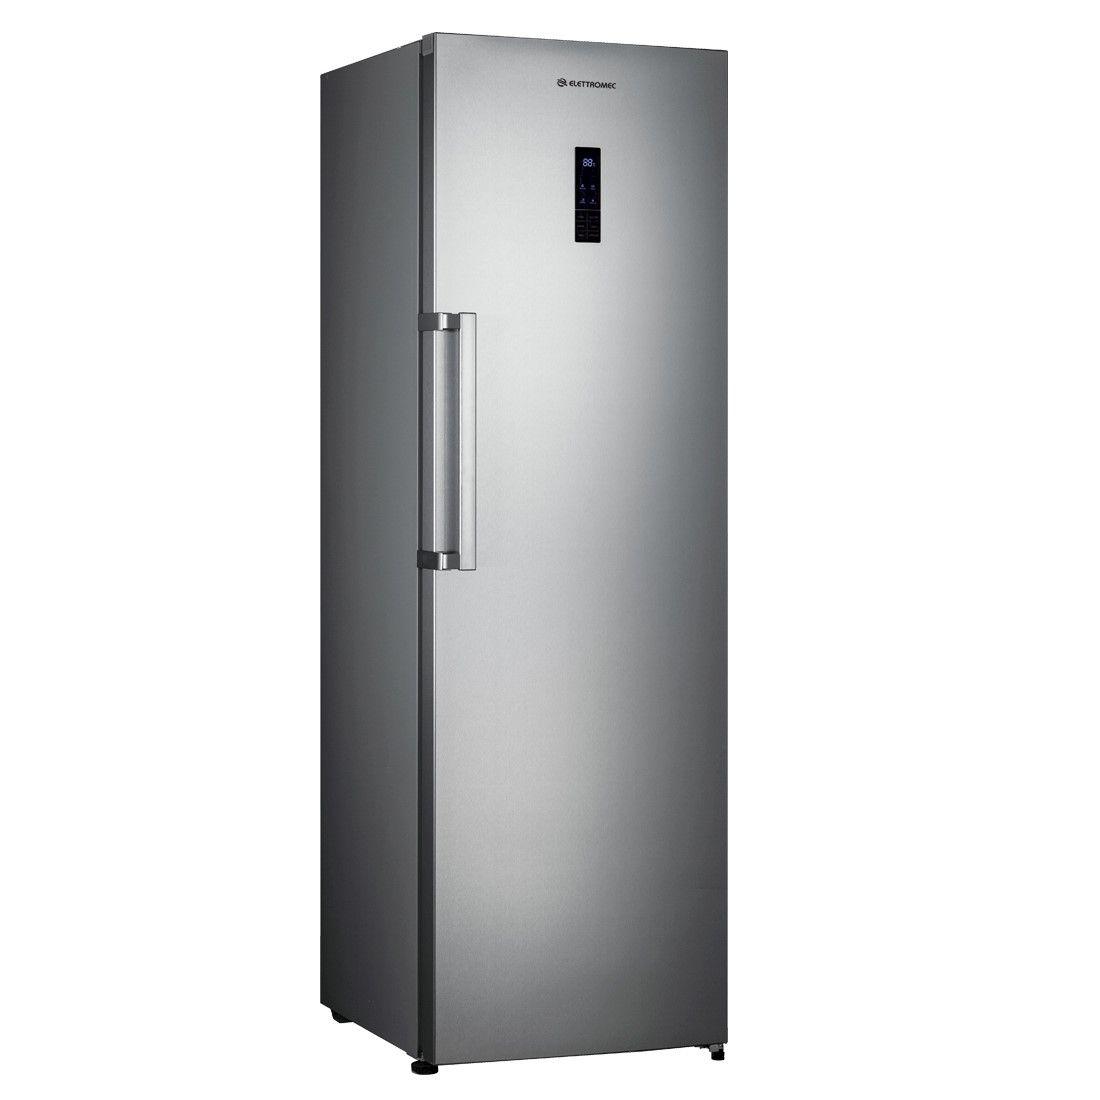 Refrigerador Elettromec Duo 360 Litros Titanium 220V